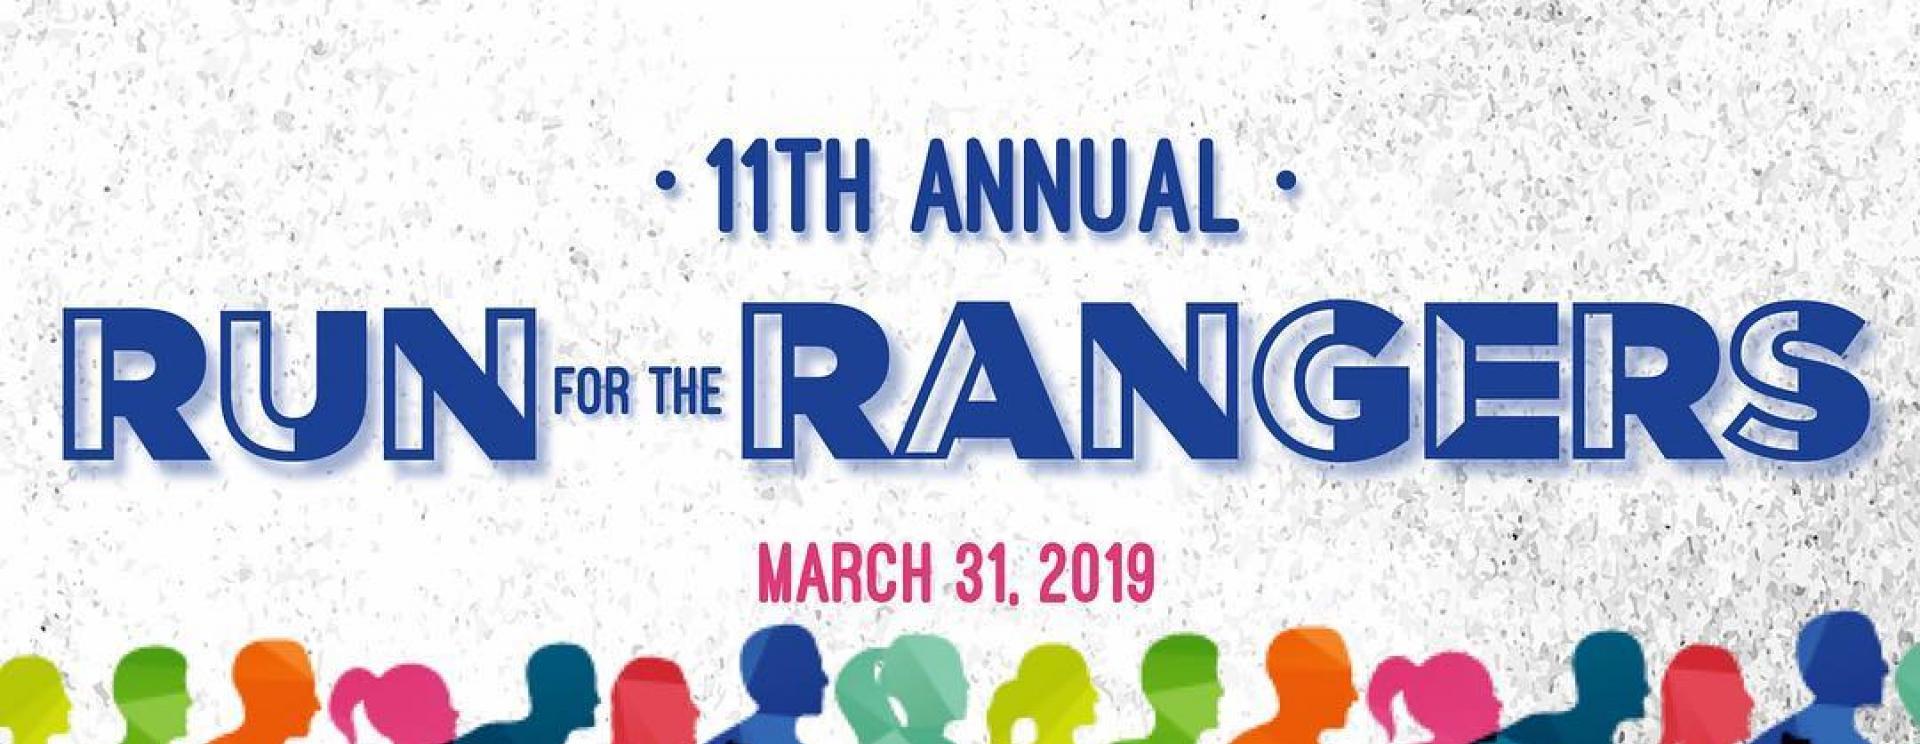 11th Annual Run for the Rangers